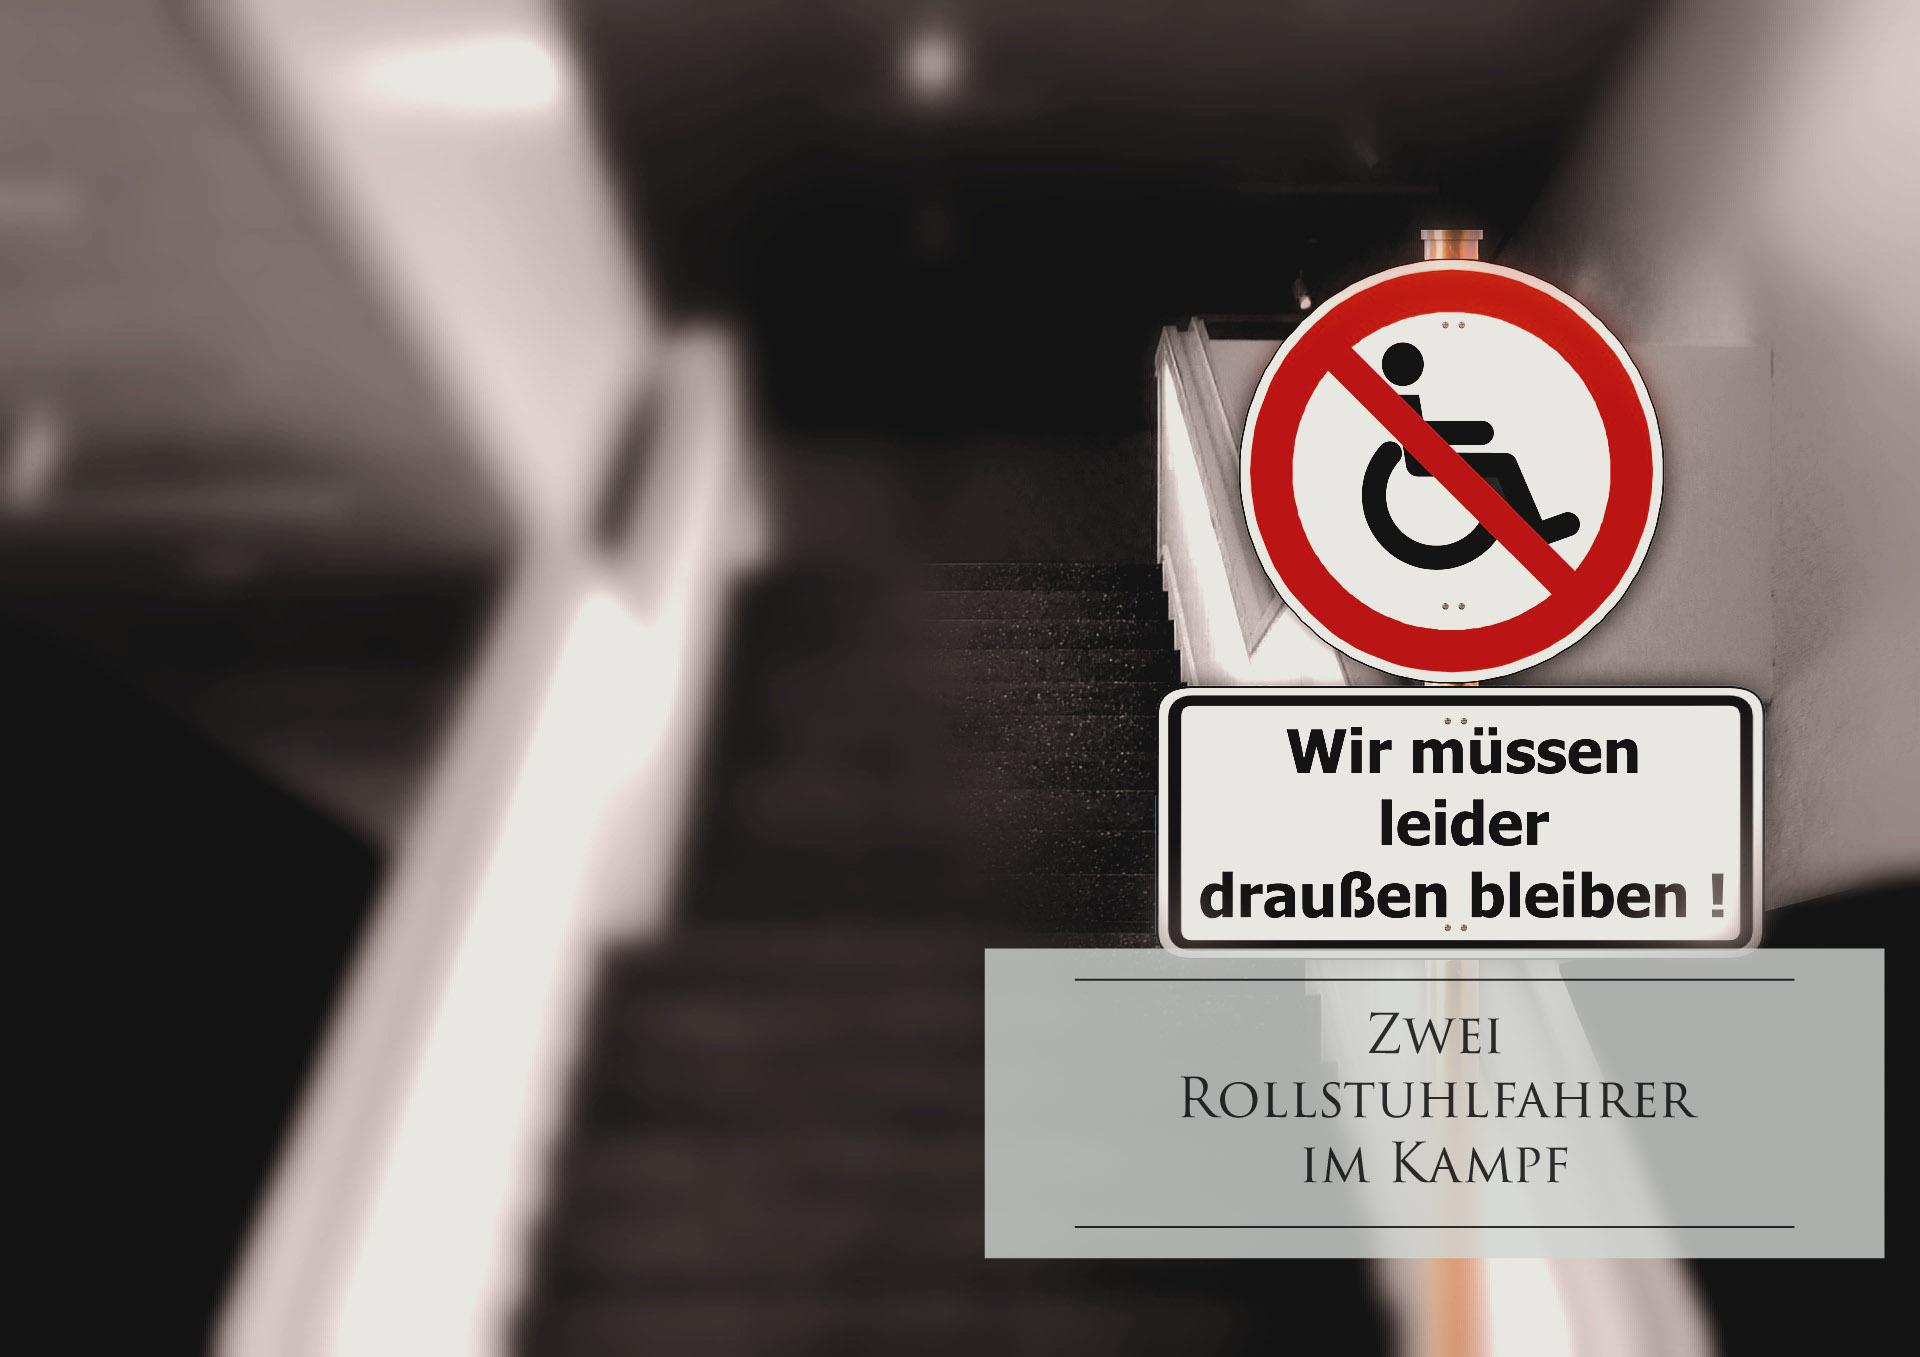 Zwei Rollstuhlfahrer im Kampf – Inklusion von wegen